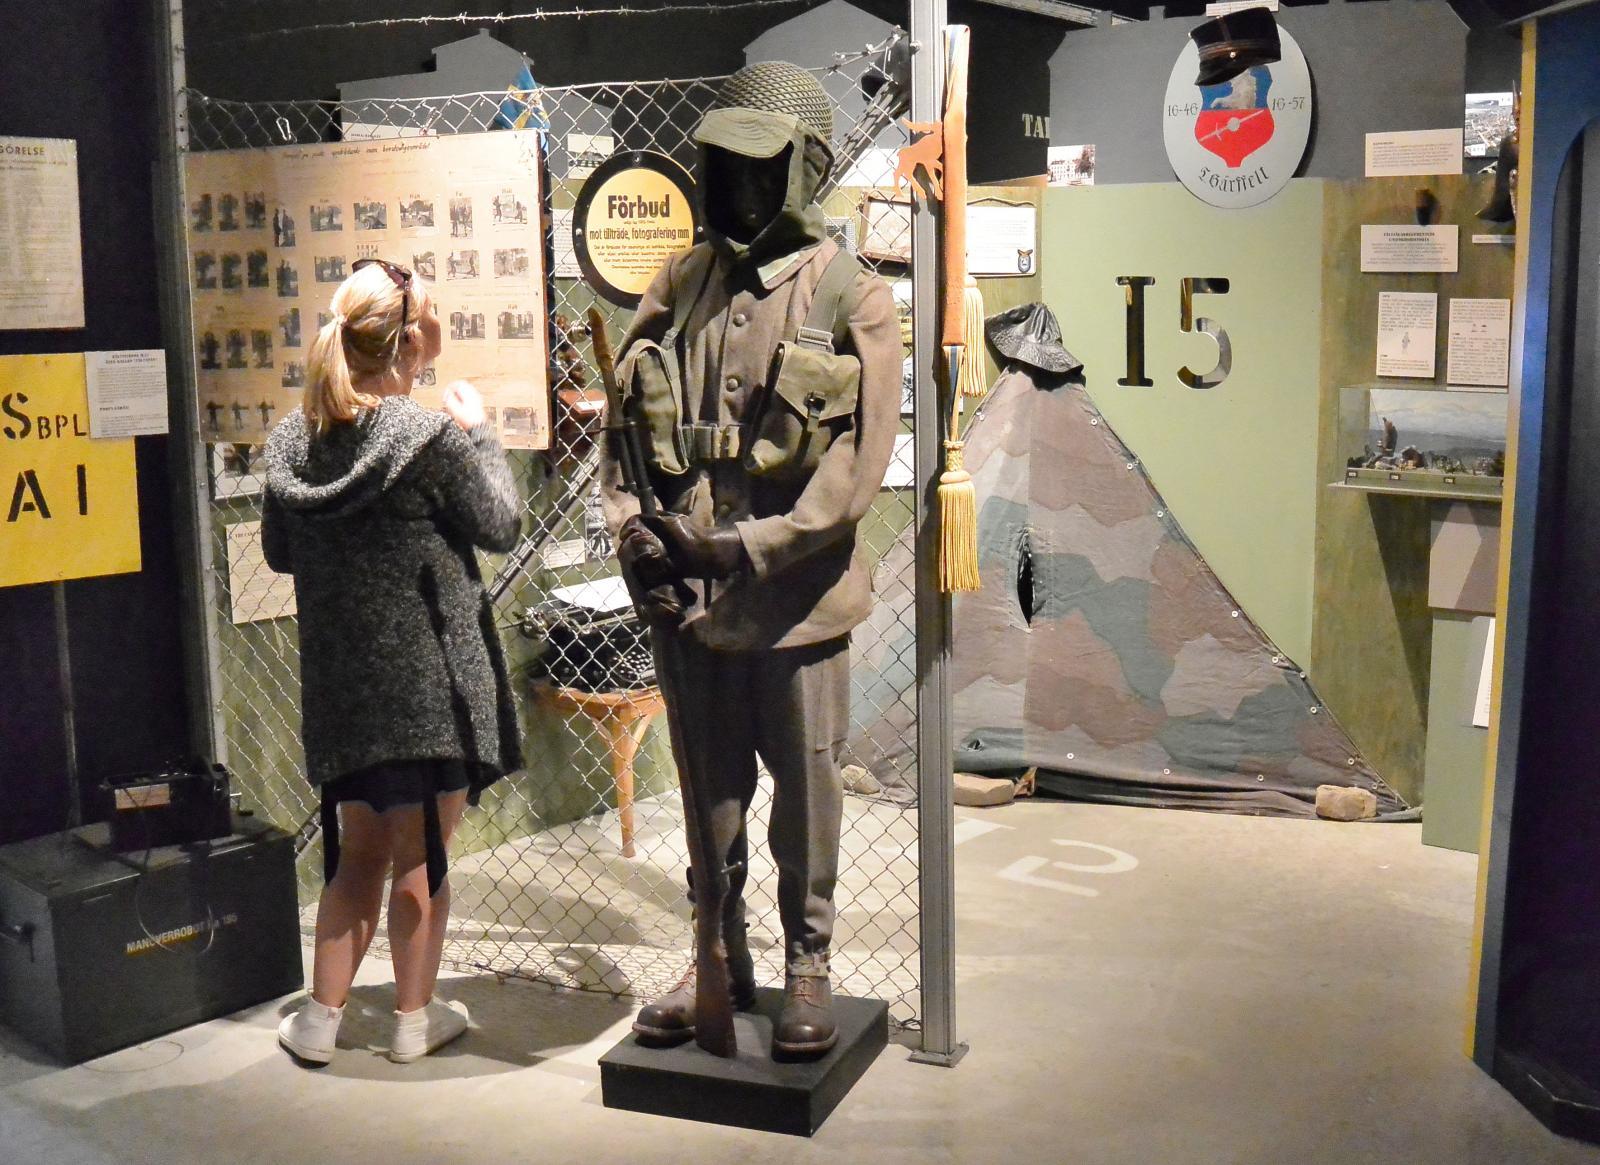 Det är en intressant, charmig och lite kuslig känsla att bekanta sig med den svenska militärhistorien.